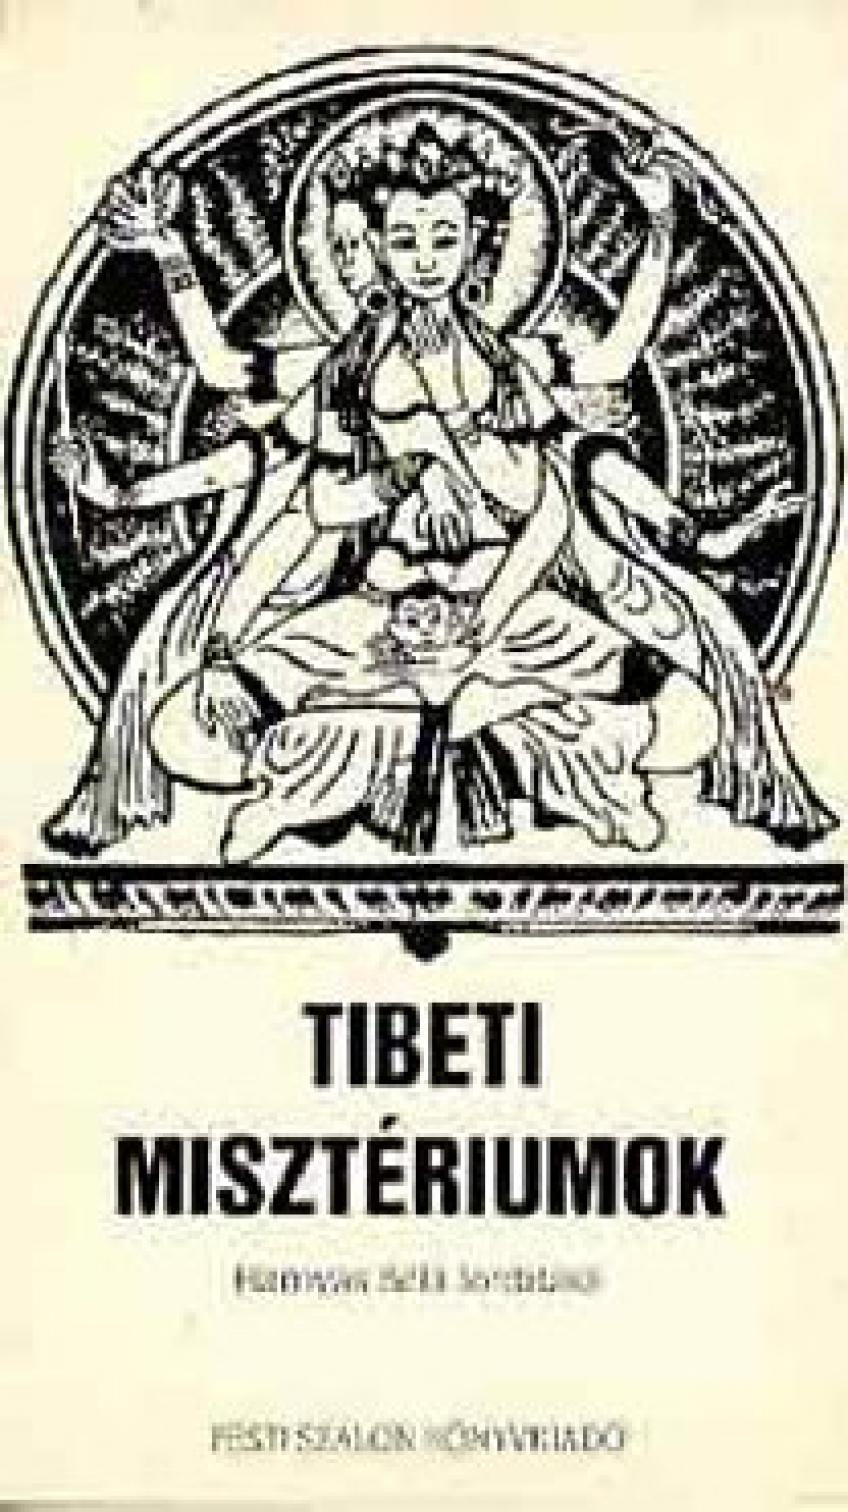 Tibeti misztériumok